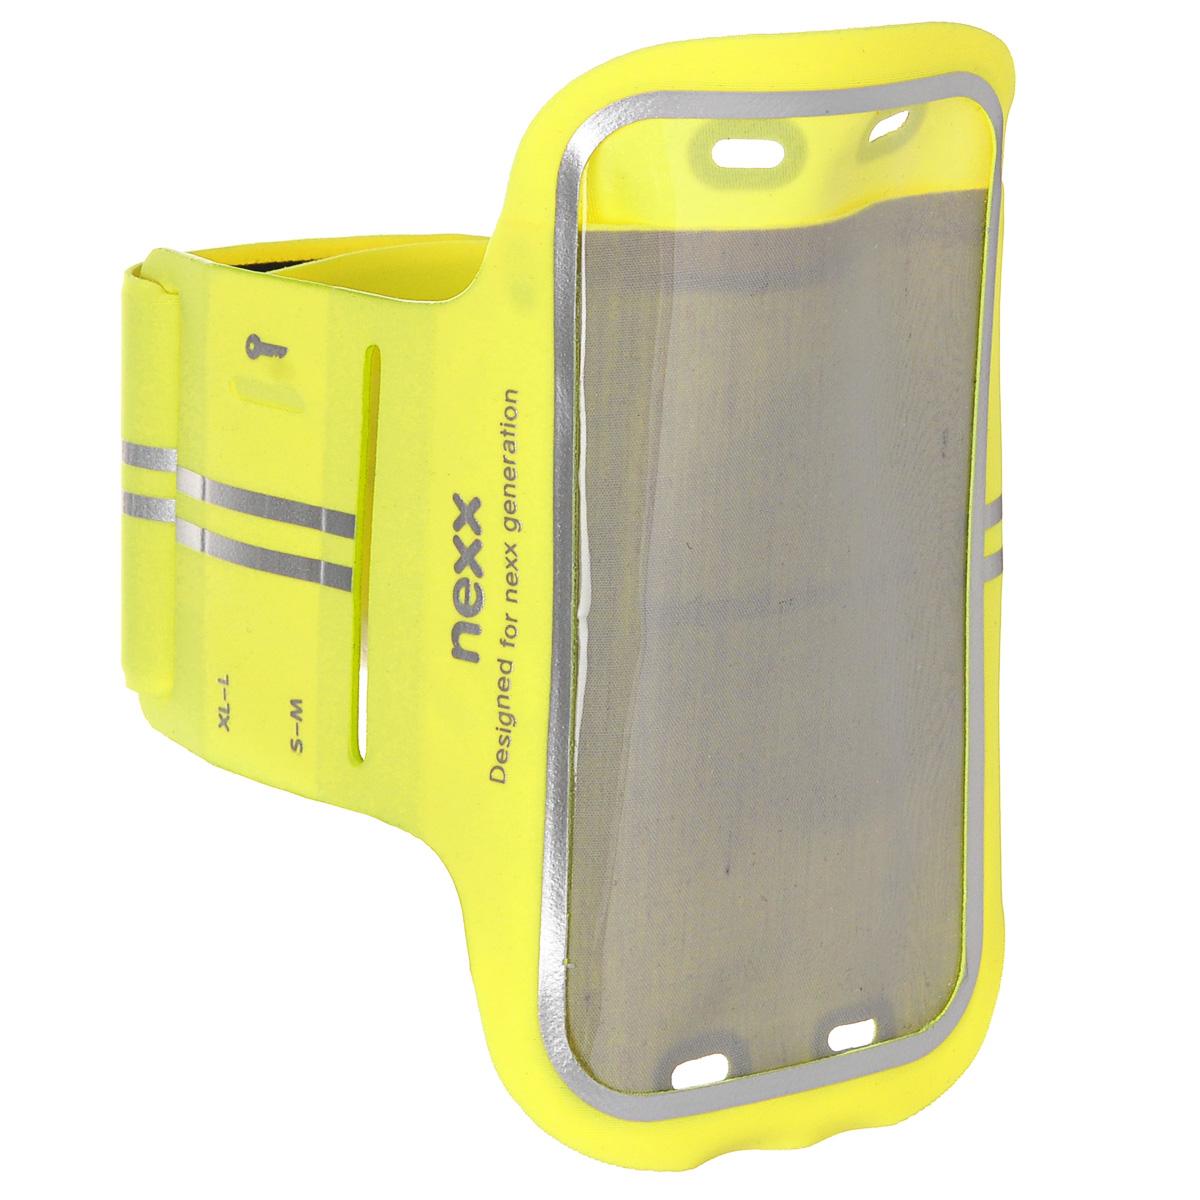 Спортивный наручный чехол для смартфонов до 5, Nexx, SP-AL-01-GN,цвет: лайкра, желтыйNX-SP-AL-01-GNНаручный регулируемый спортивный чехол для смартфонов с экраном до 5 с регулируемой застежкой позволяет легко и с комфортом носить смартфон во время занятий. Водонепроницаемый материал - тонкая высококачественная лайкра позволит защитить смартфон от влаги и брызг. Регулируемая застежка подойдет под любой обхват руки. Чехол надевается на предплечье - наиболее удобное место для переноски и пользования смартфона во время тренировки, при этом руки остаются свободными не ограничивая движения. Чехол открывает прямой доступ ко всем функциям телефона и подходит для iPhone 6, 5s/5c/5, 4s/4, Samsung Galaxy S3/S4/S5, и других смартфонов с максимальным размером 14,2 х 7,2 см.